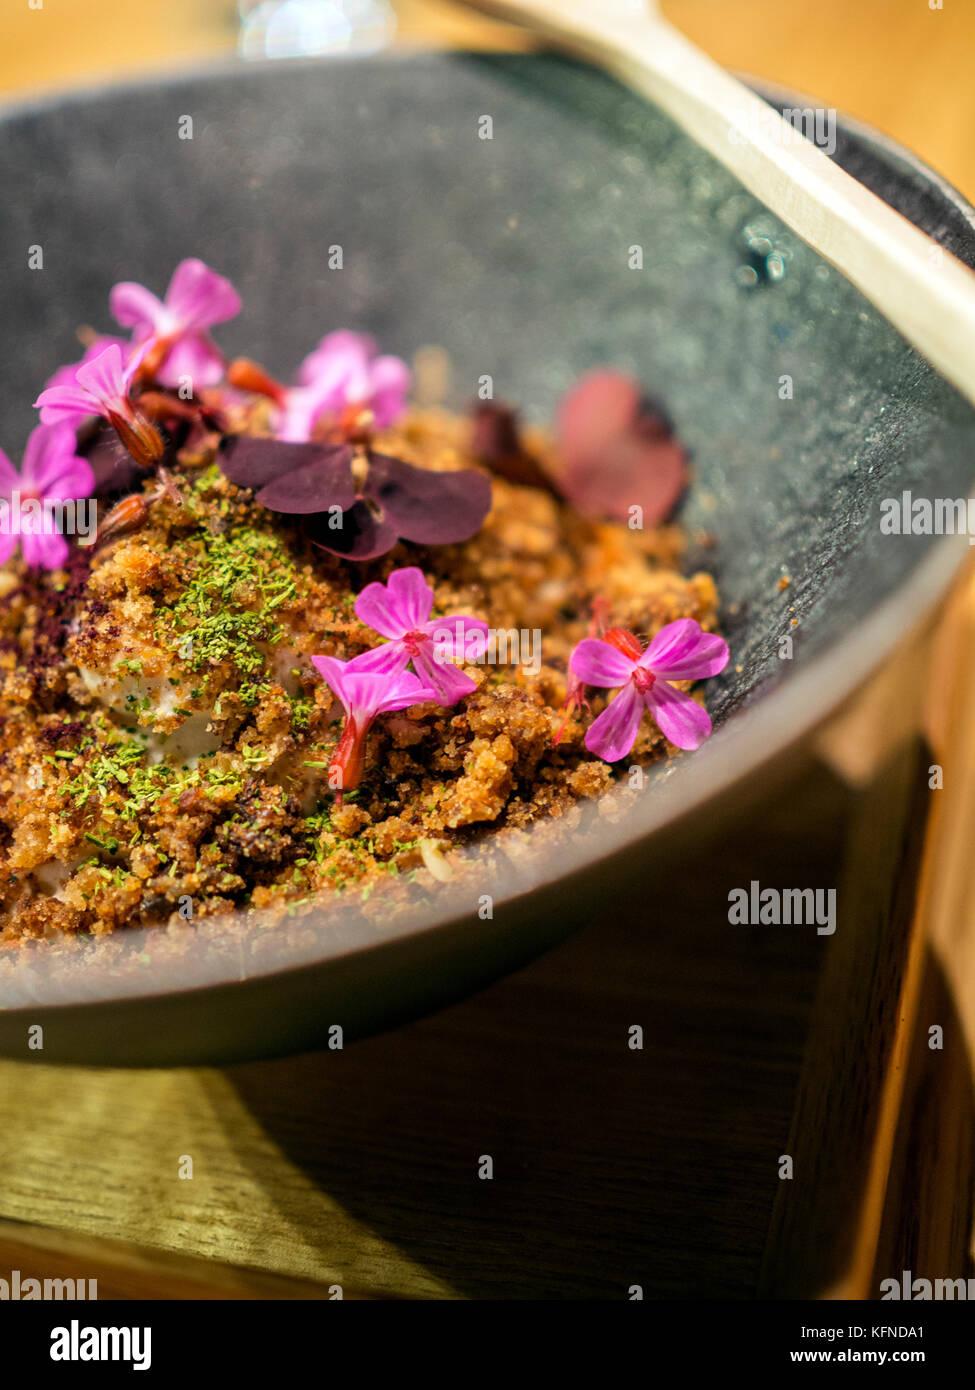 Pain au levain frit aux poireaux et jambon cuit par pai holmberg de bifångst, un siège deux restaurant Photo Stock